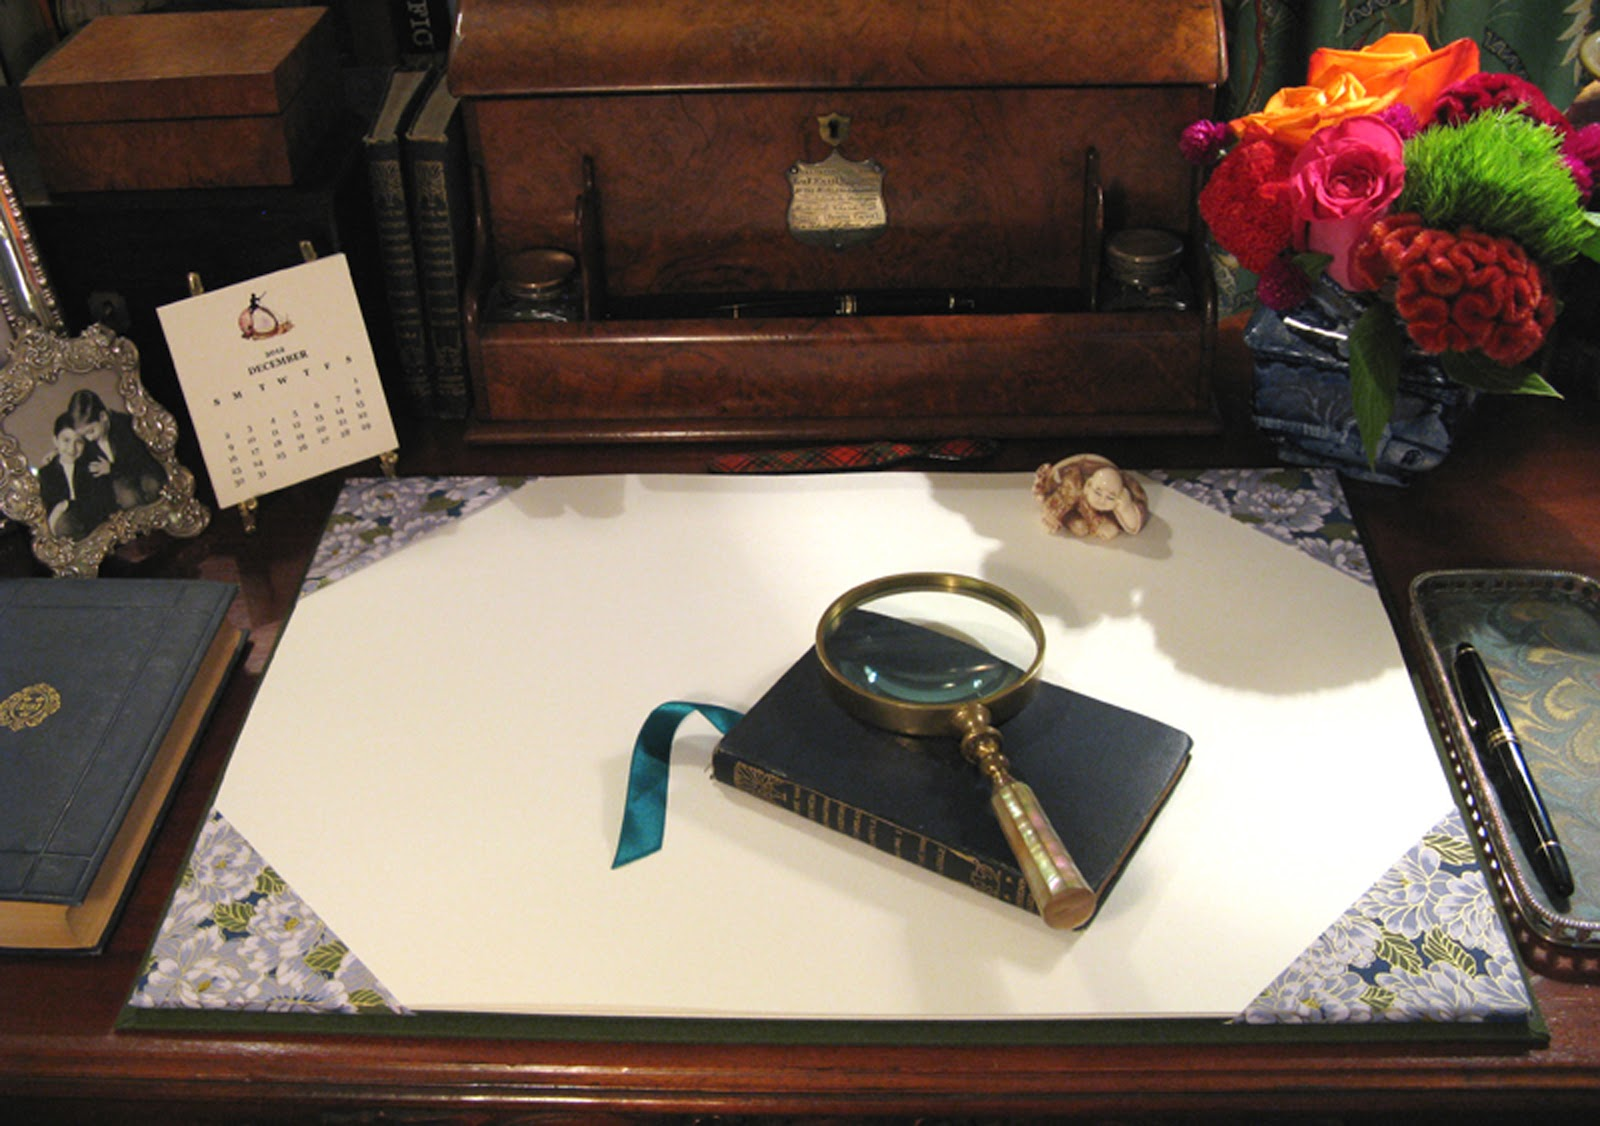 Parvum Opus Anatomy of a WellDressed Desk Part 1 The Desk Blotter